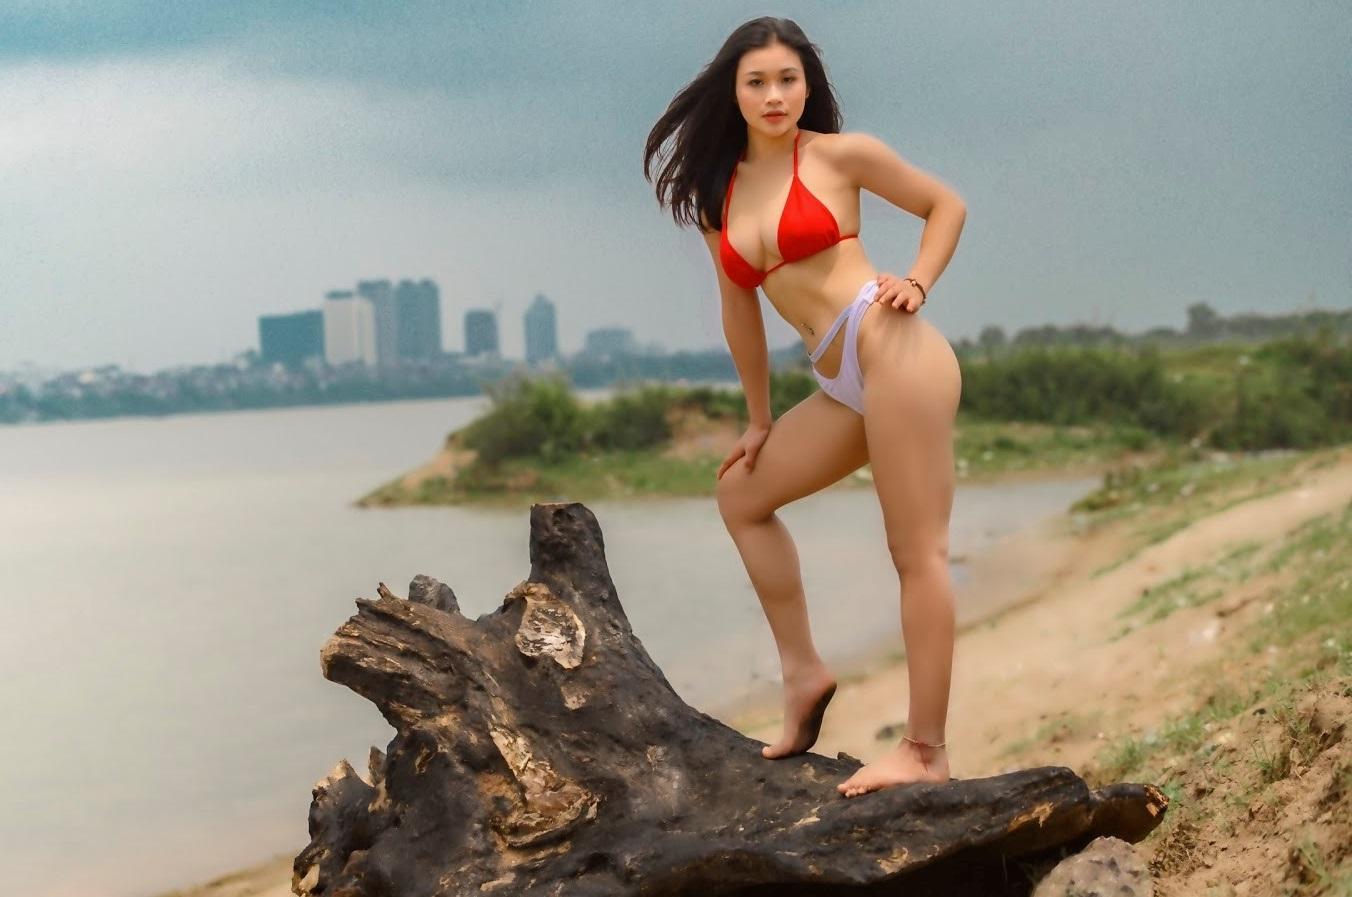 Vẻ đẹp quyến rũ của hotgirl Lê Huỳnh Thanh Diệu